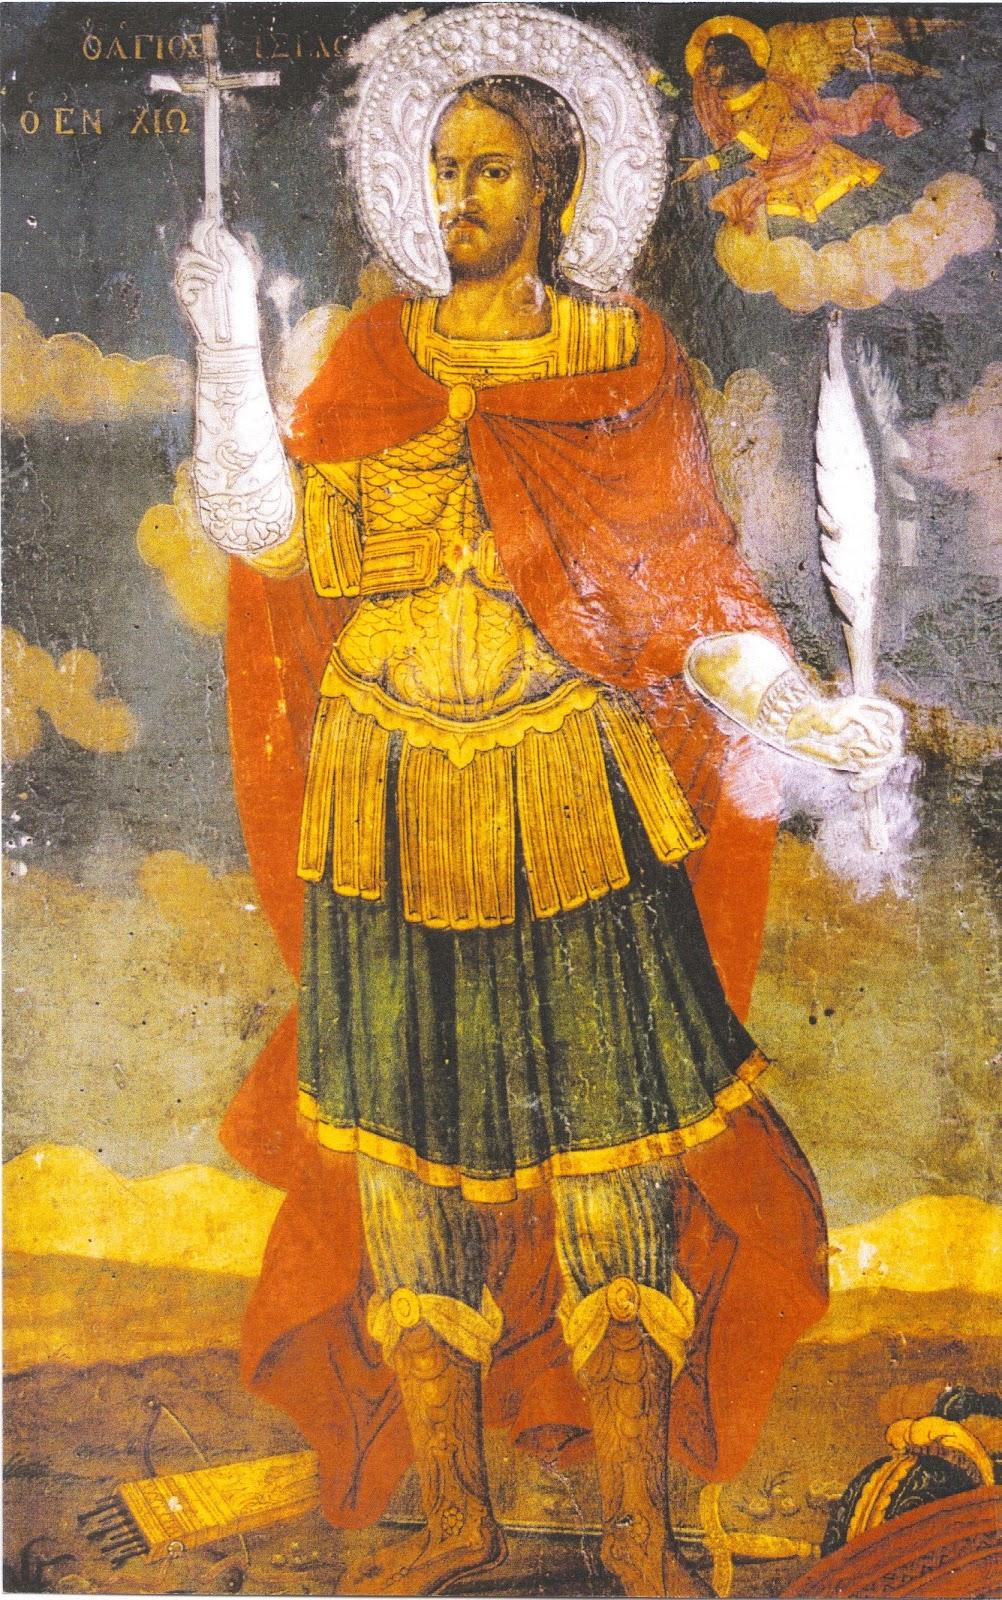 Αποτέλεσμα εικόνας για αγιοσ ισιδωροσ ο χιοπολιτης